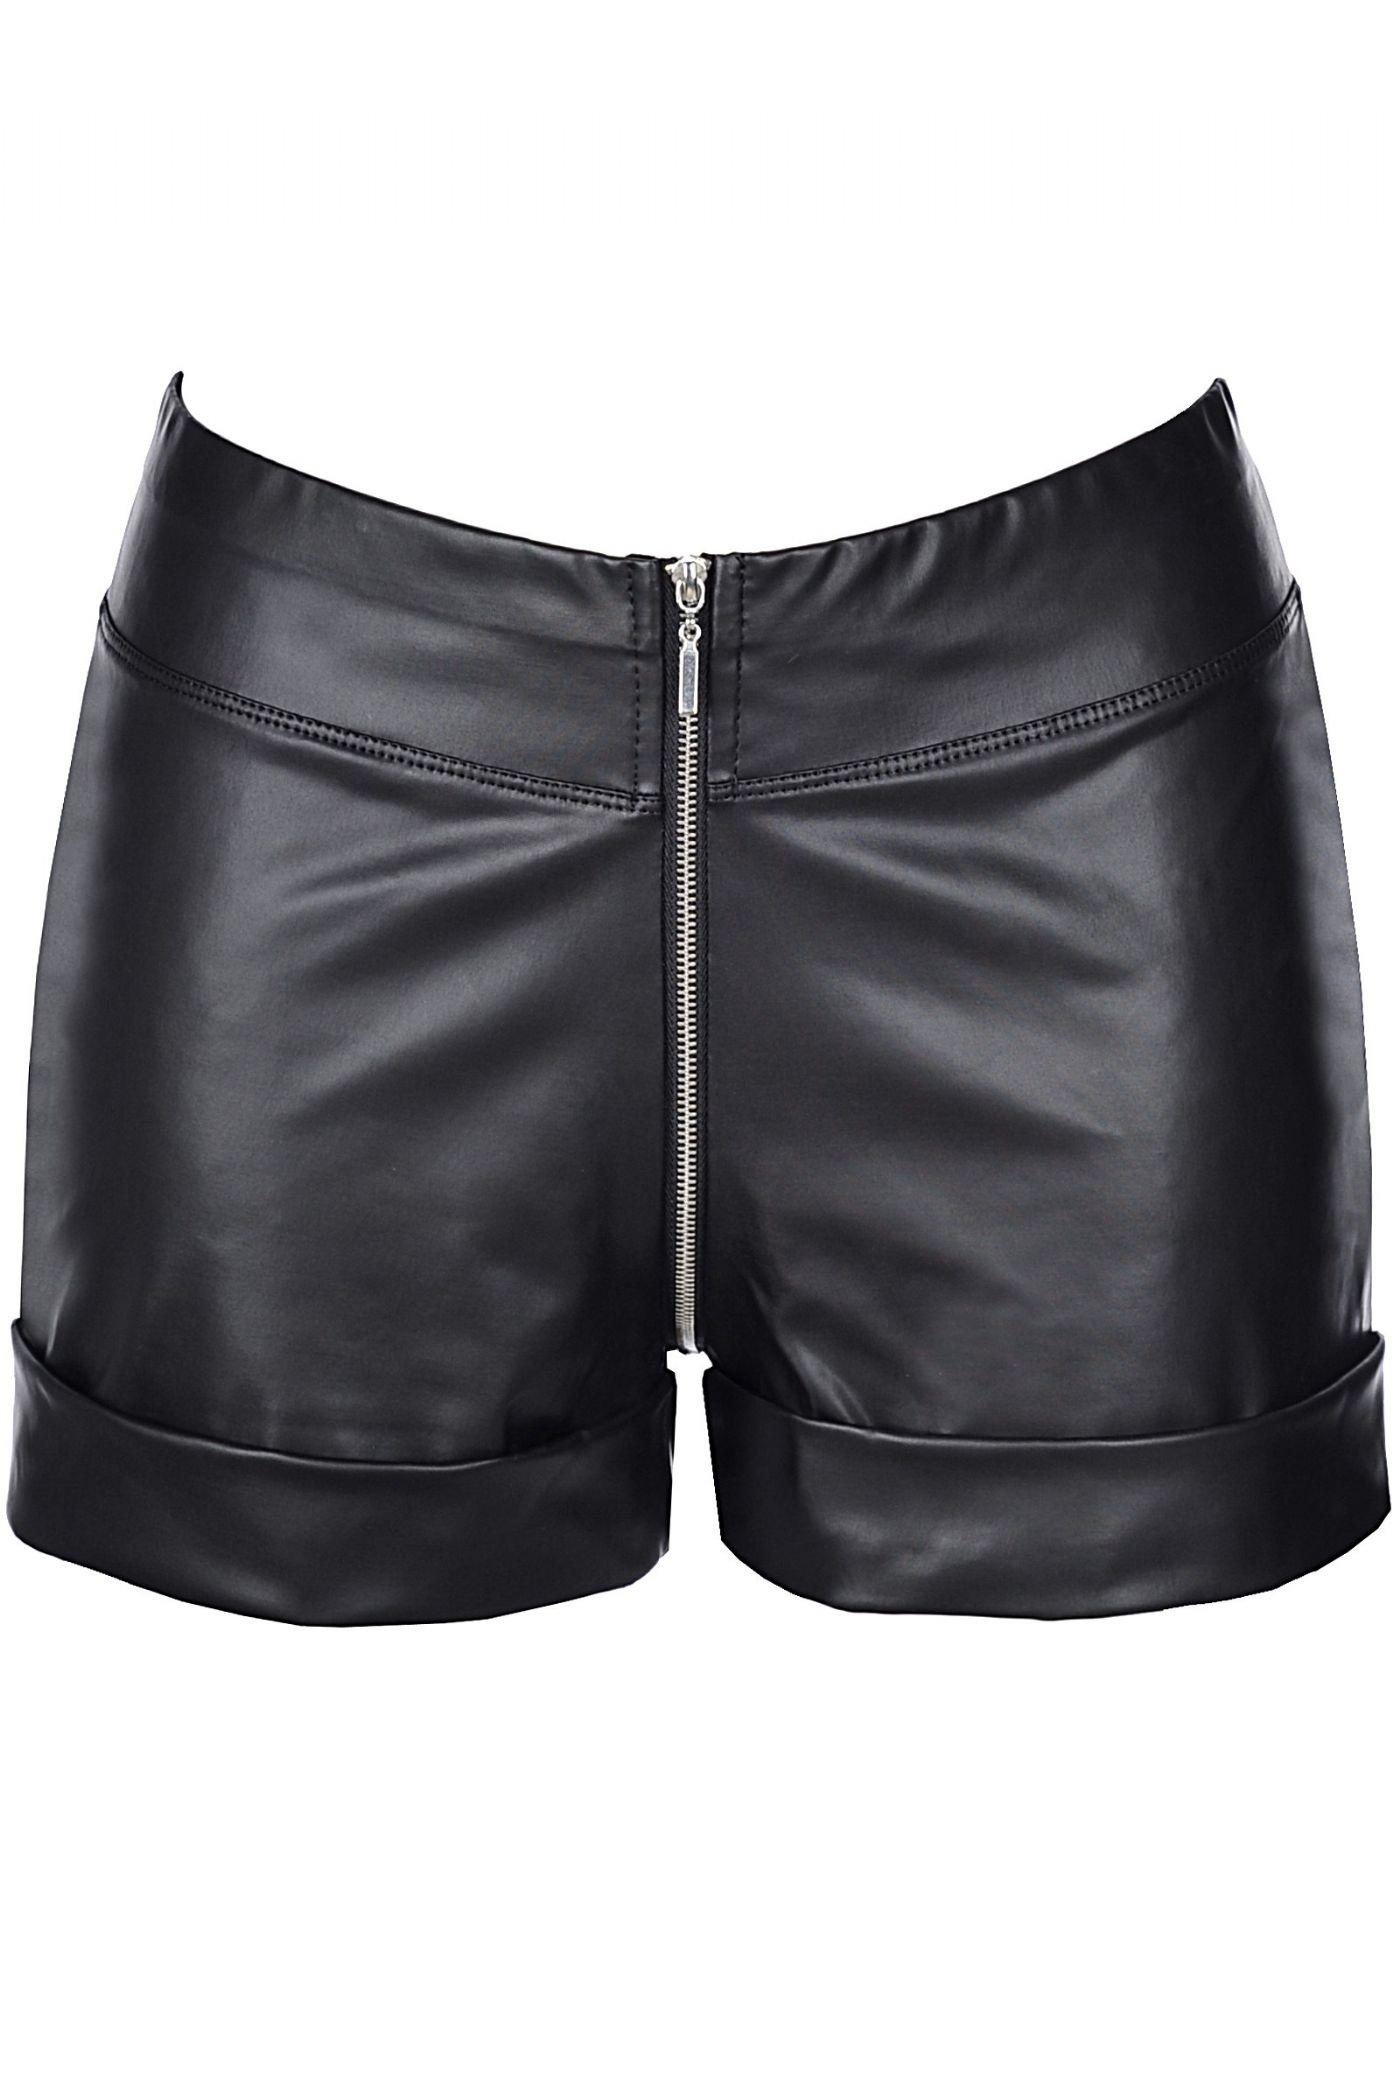 Shorts - Wetlook med lynlås (V-9153)